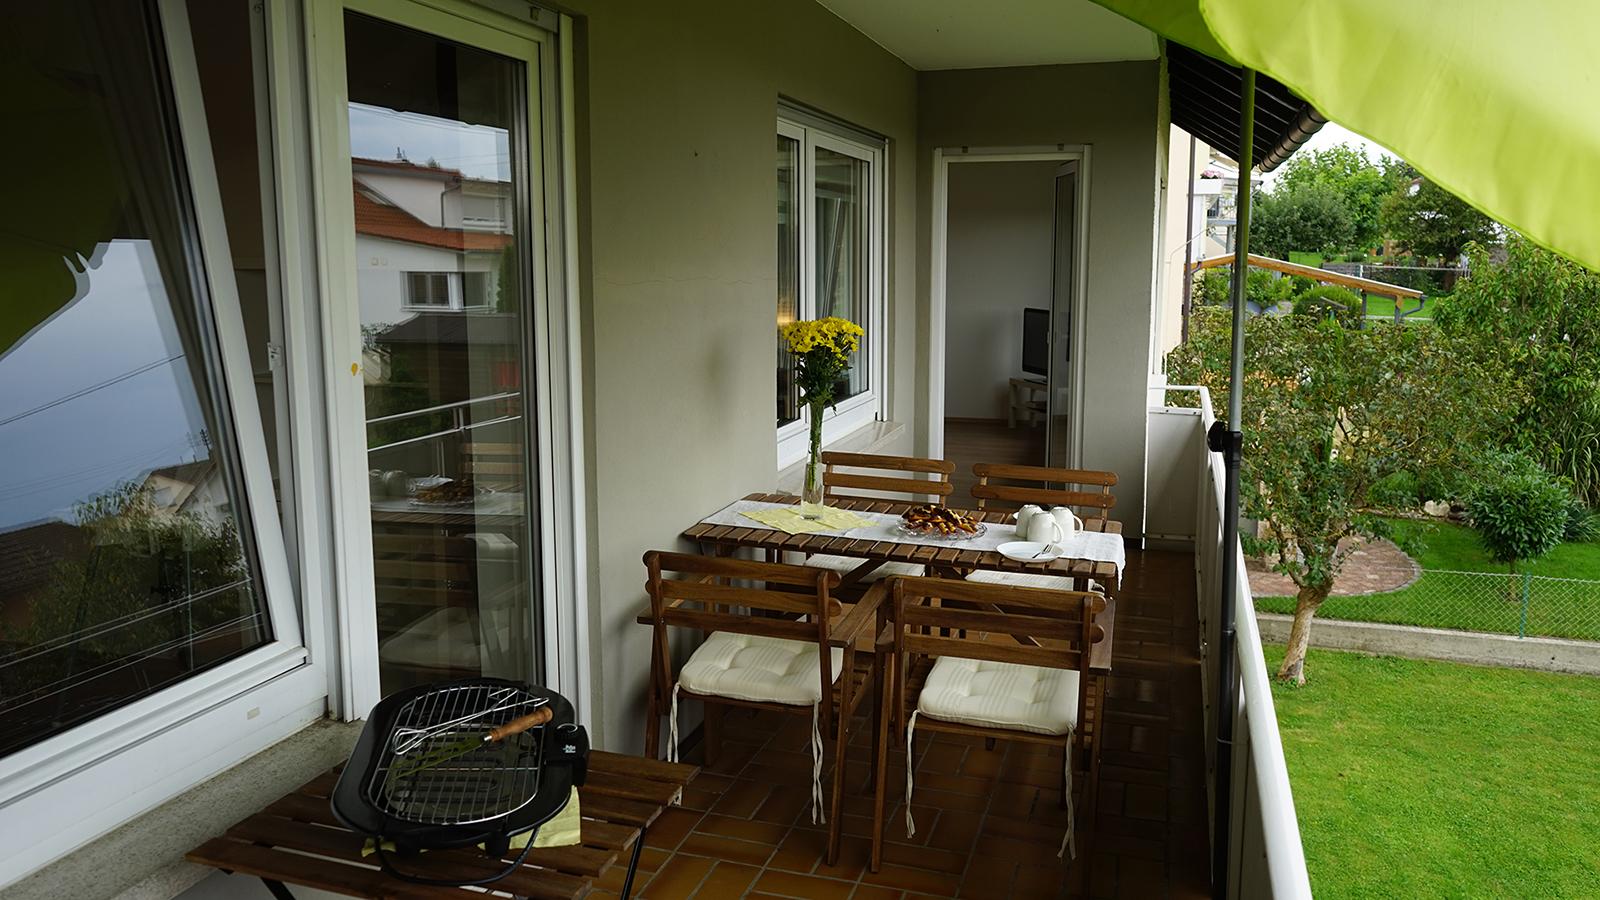 Ferienwohnung am Bodensee: Weitblick - Balkon